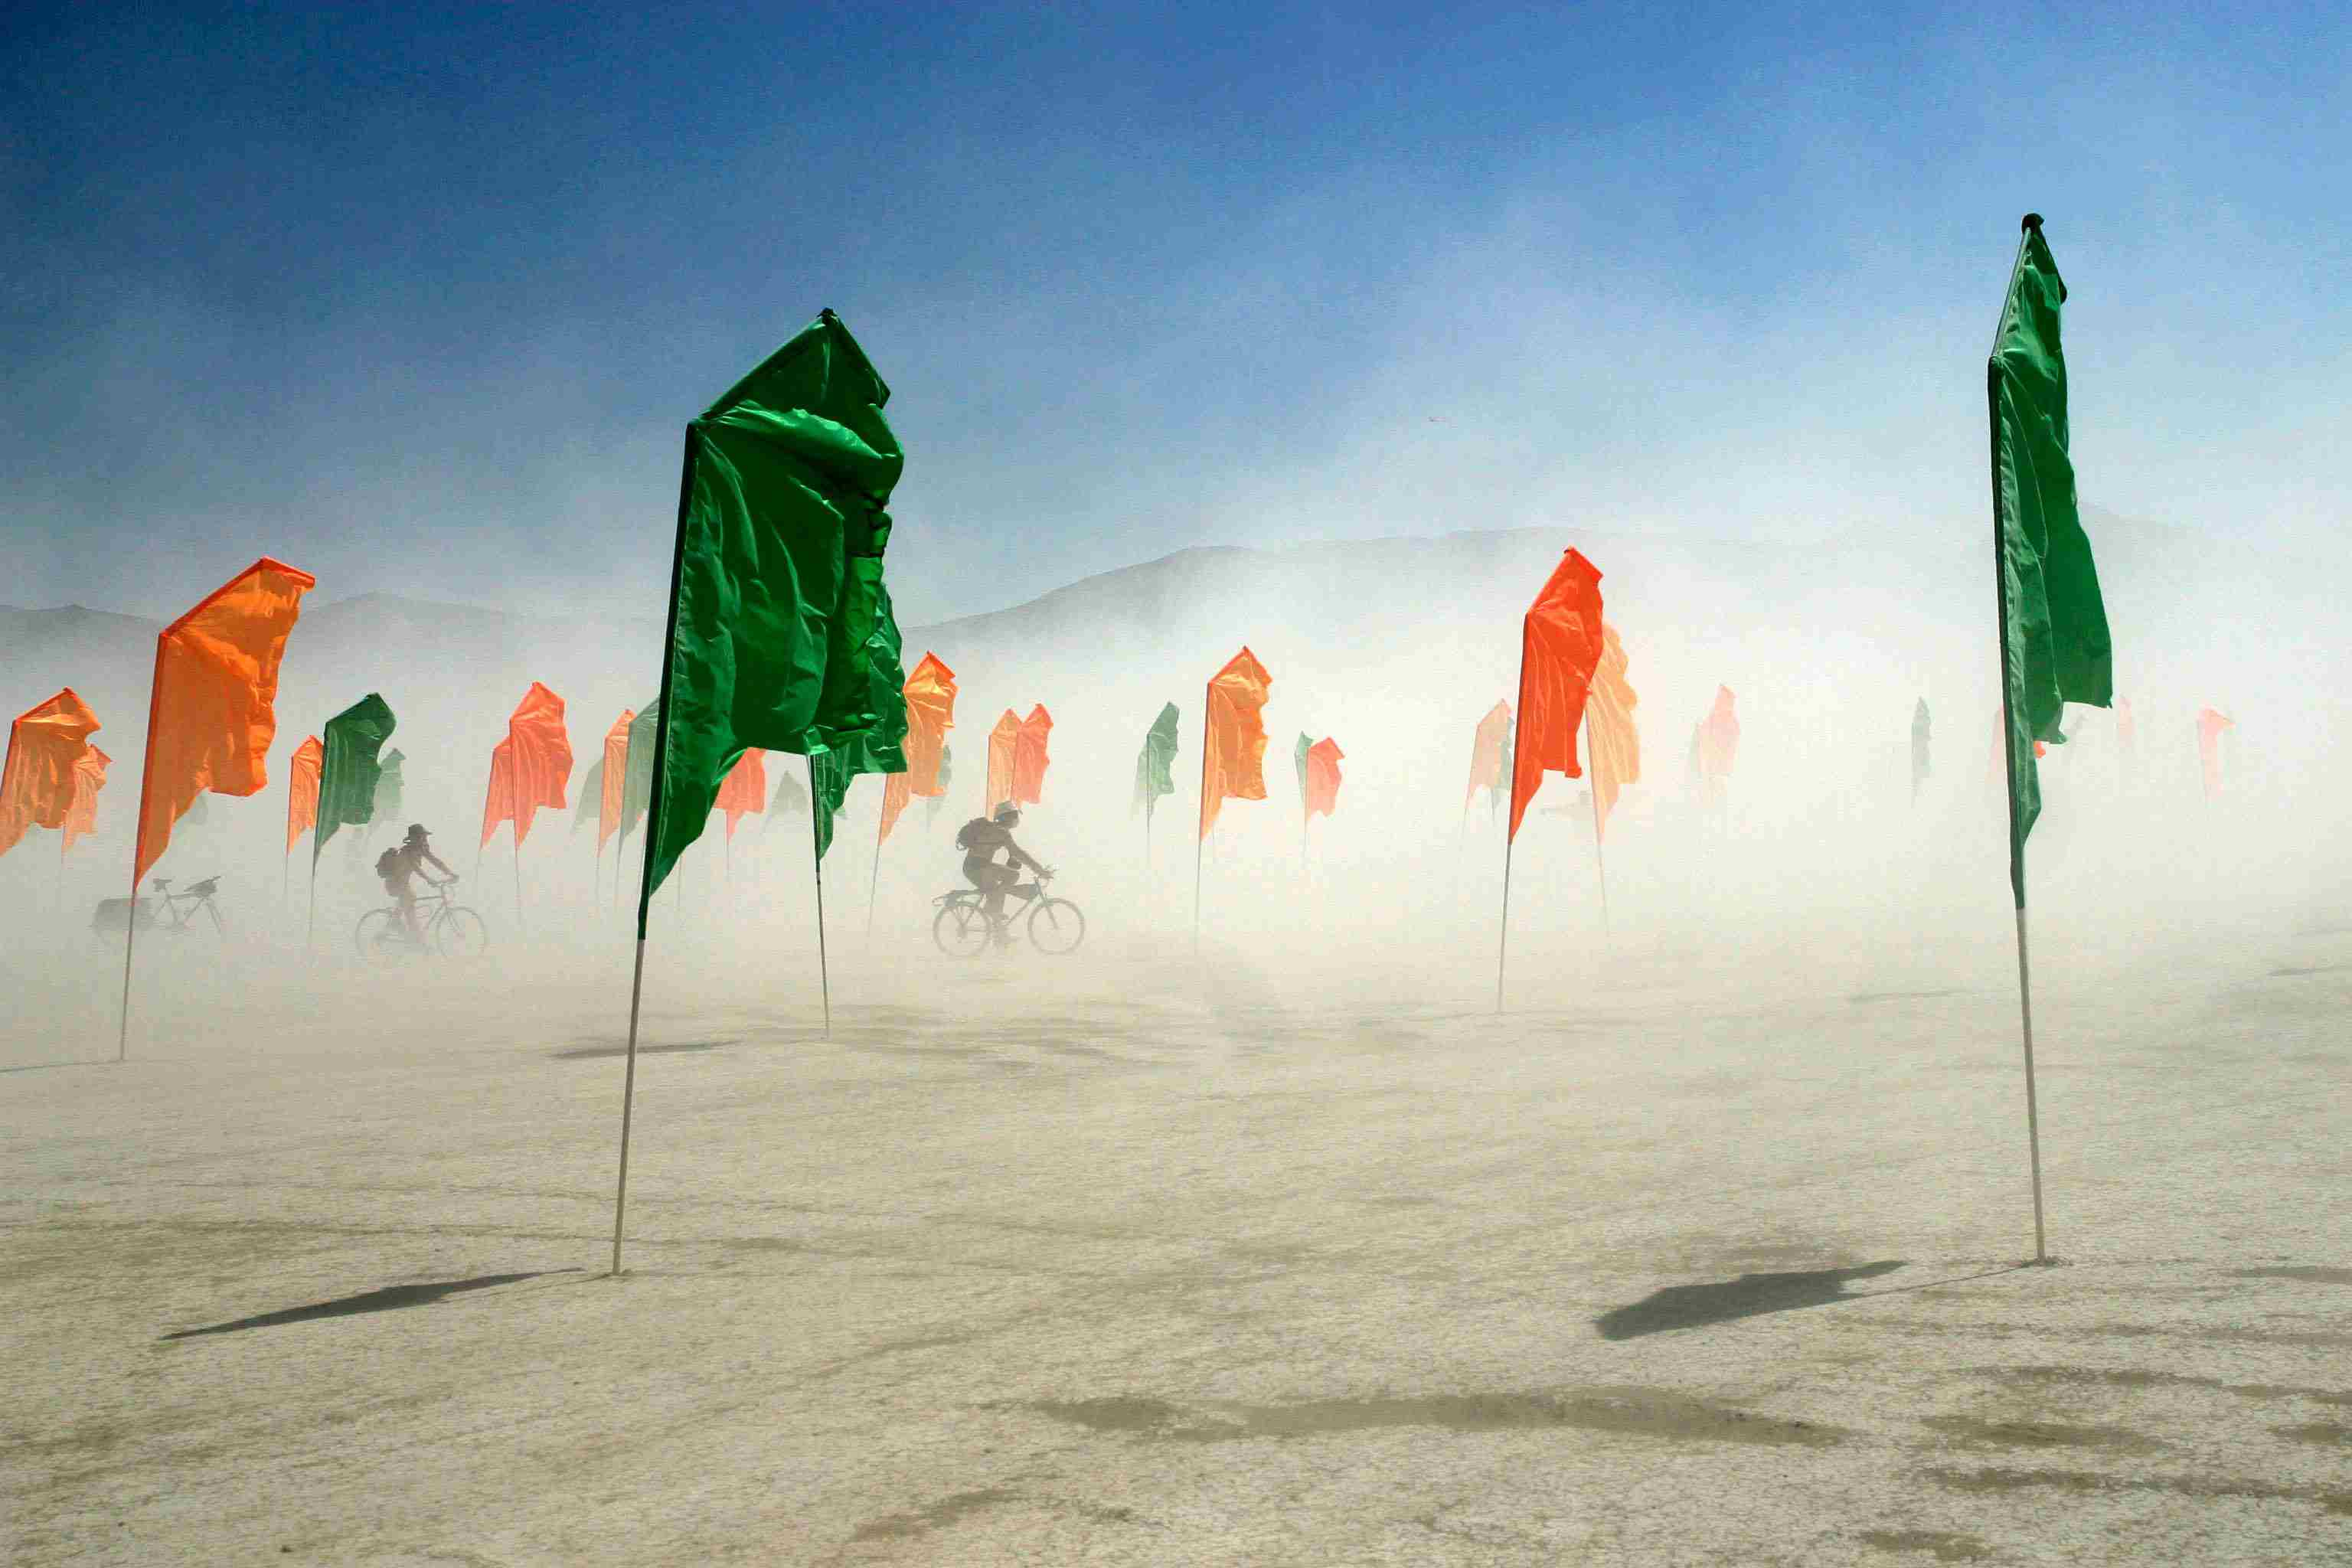 Burning Man dust